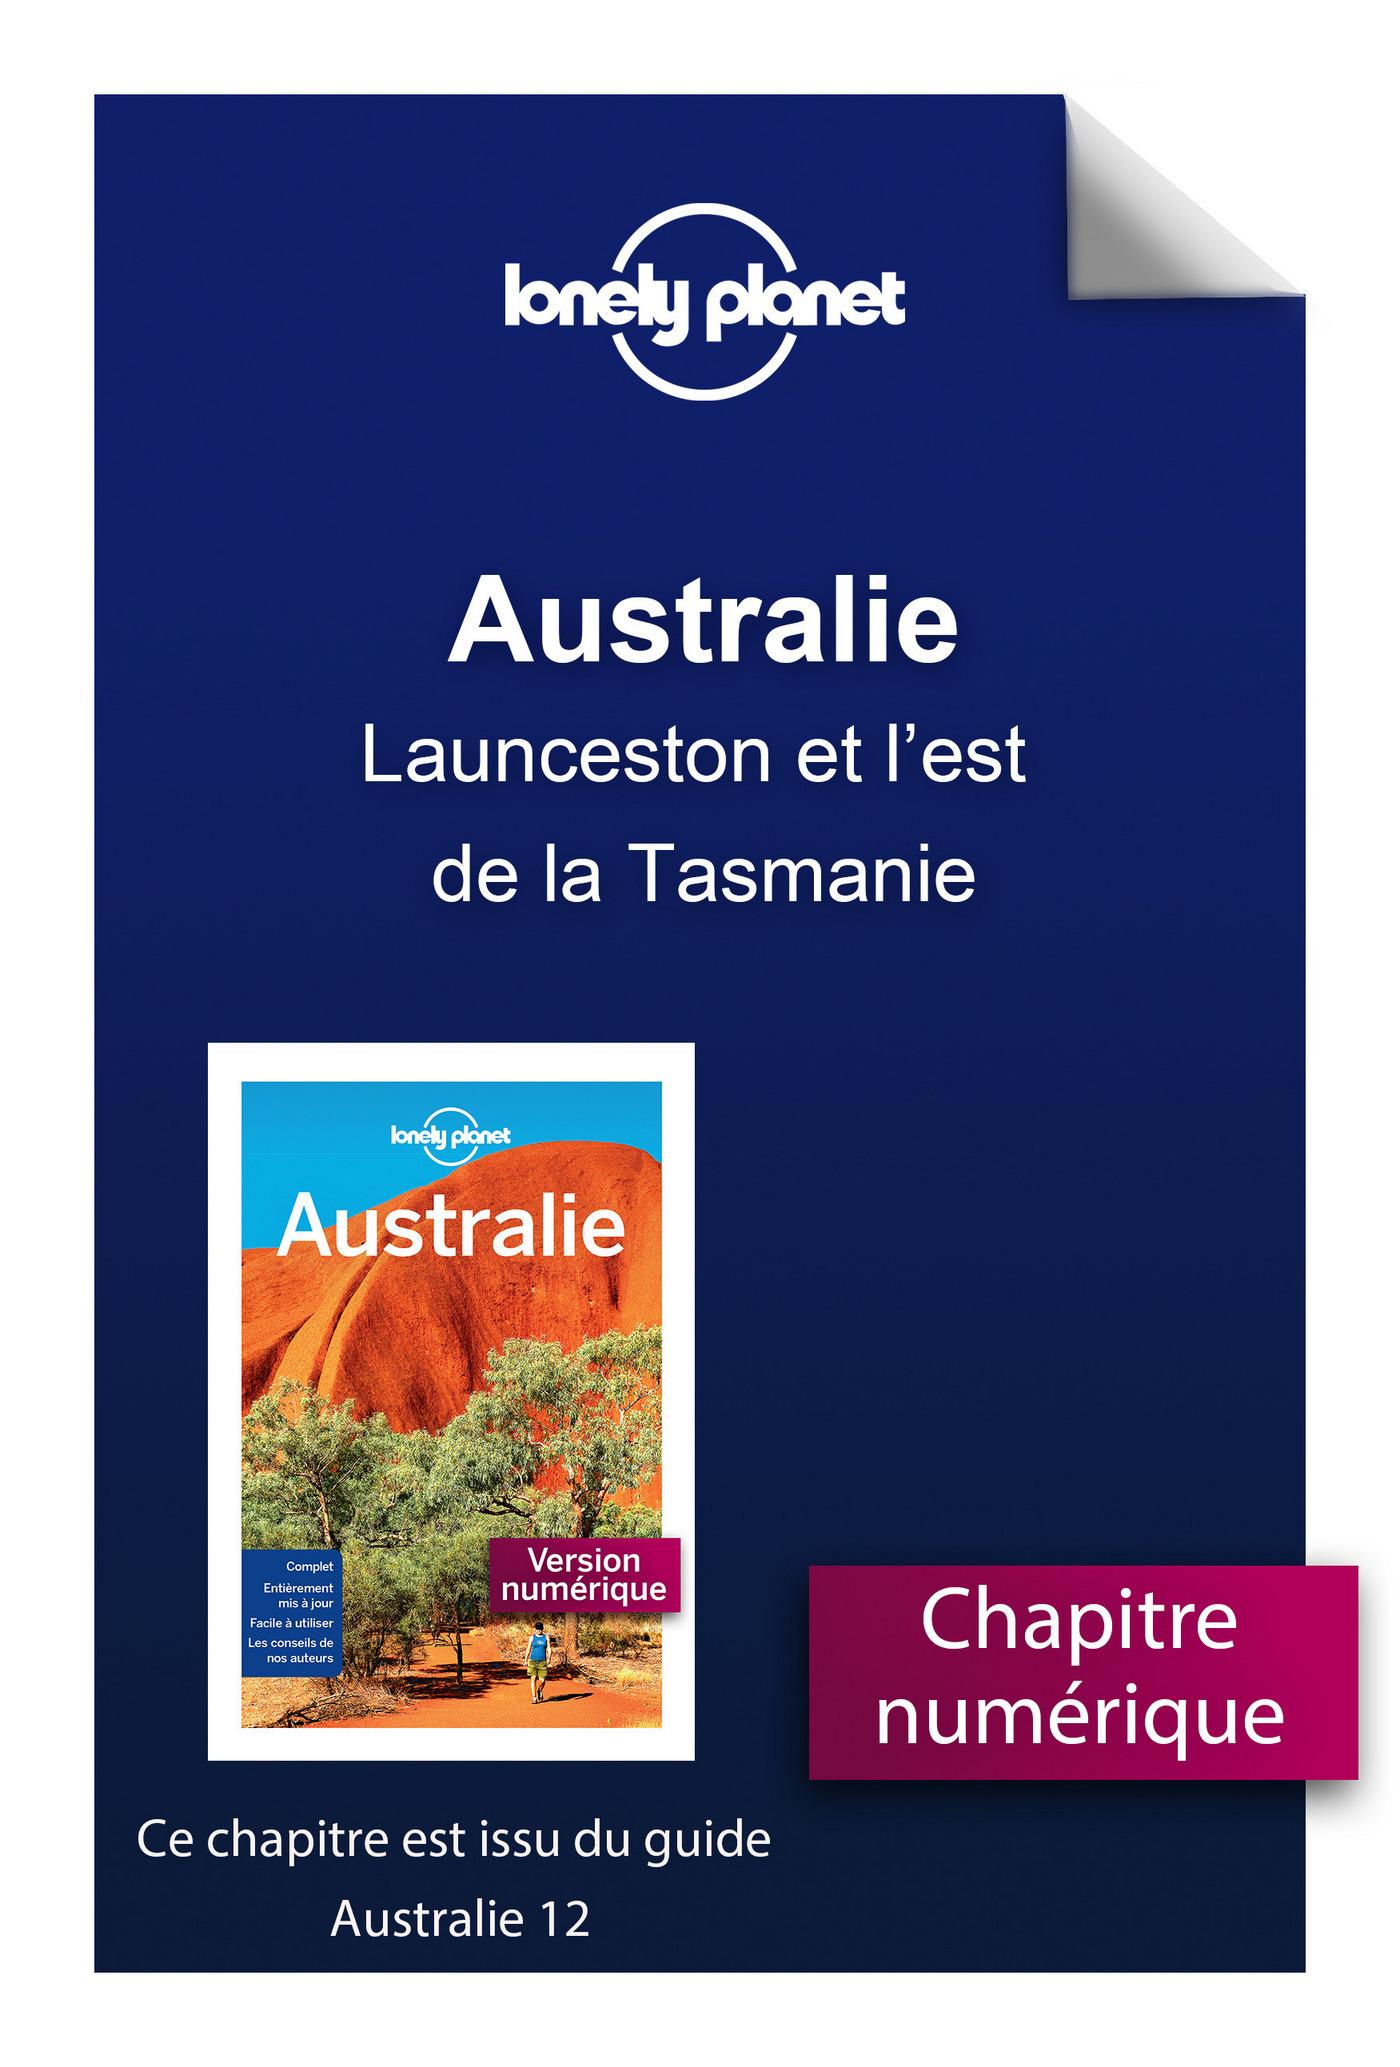 Australie - Launceston et l'est de la Tasmanie